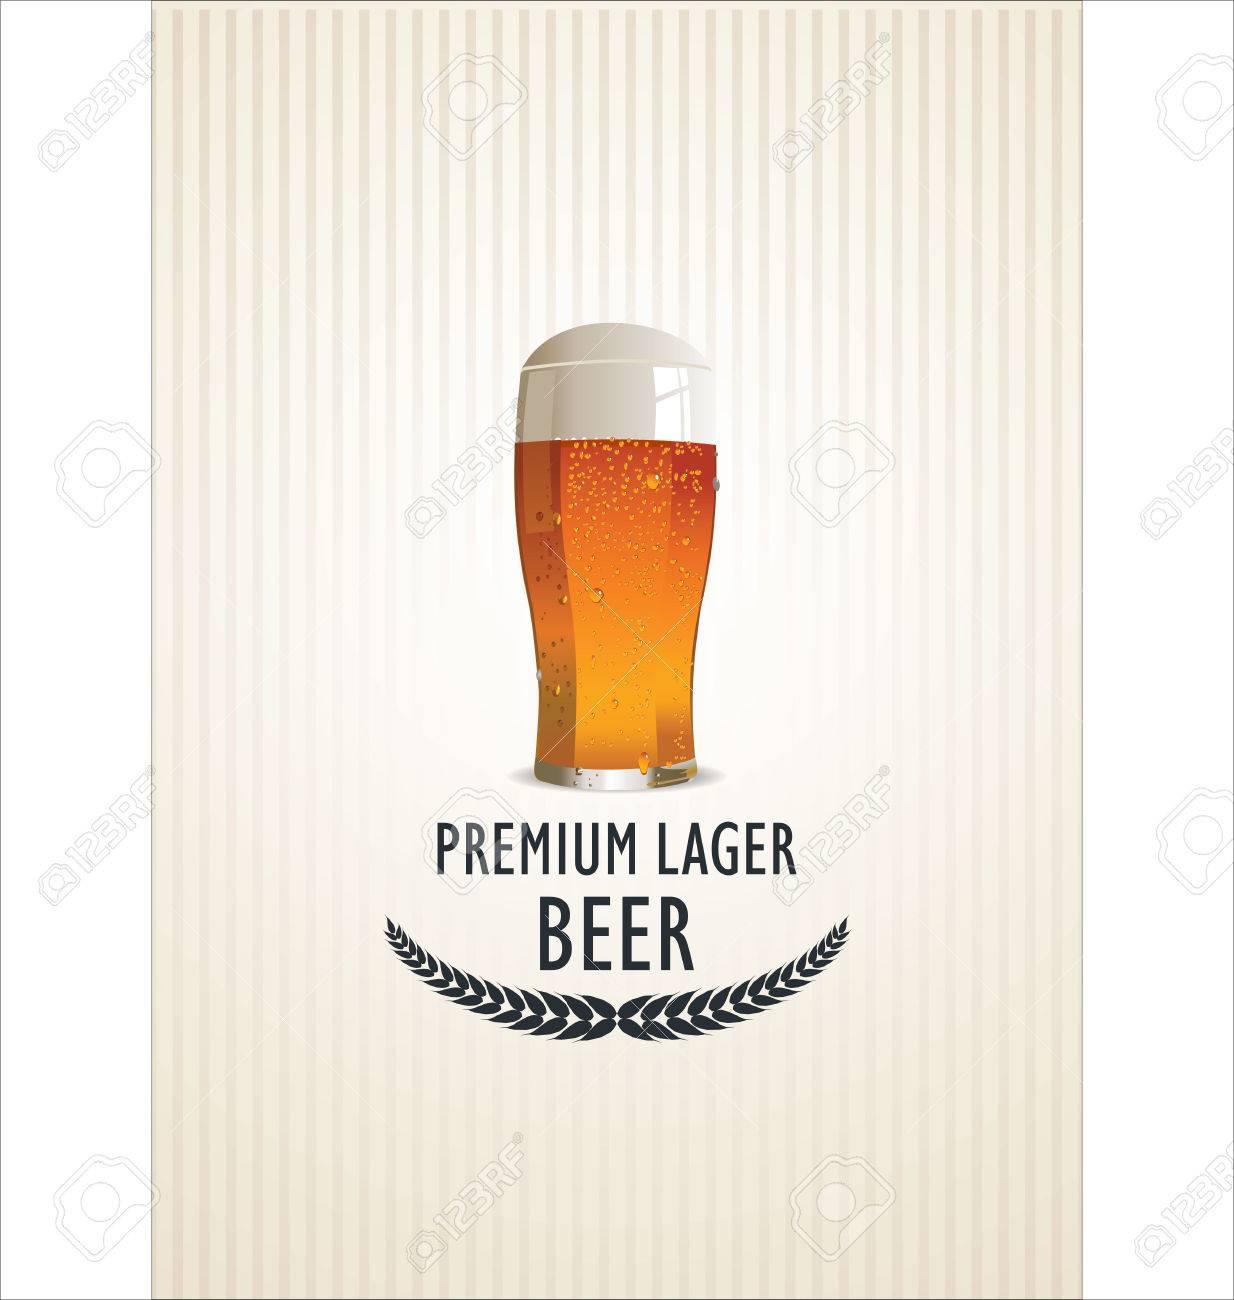 Beer background Stock Vector - 25516462